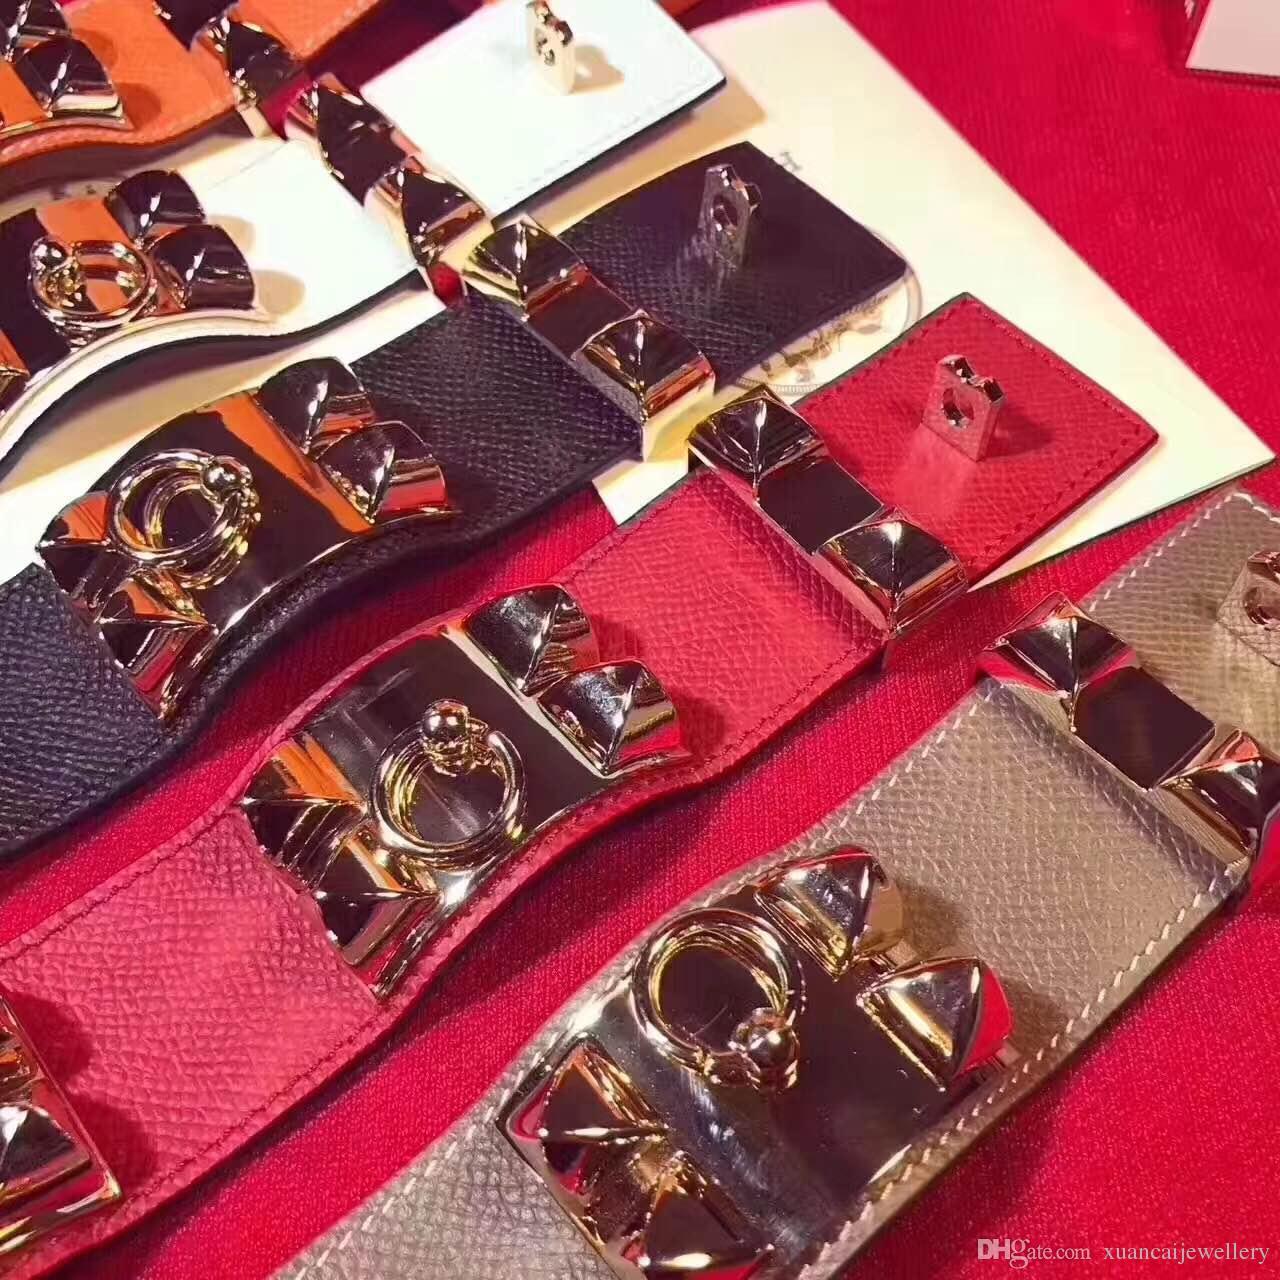 Mode Ceinture En Cuir Poignet Amitié Grand Large Bracelet pour Hommes Punk Bijoux H marque bijoux Willow ongle bracelet bracelets